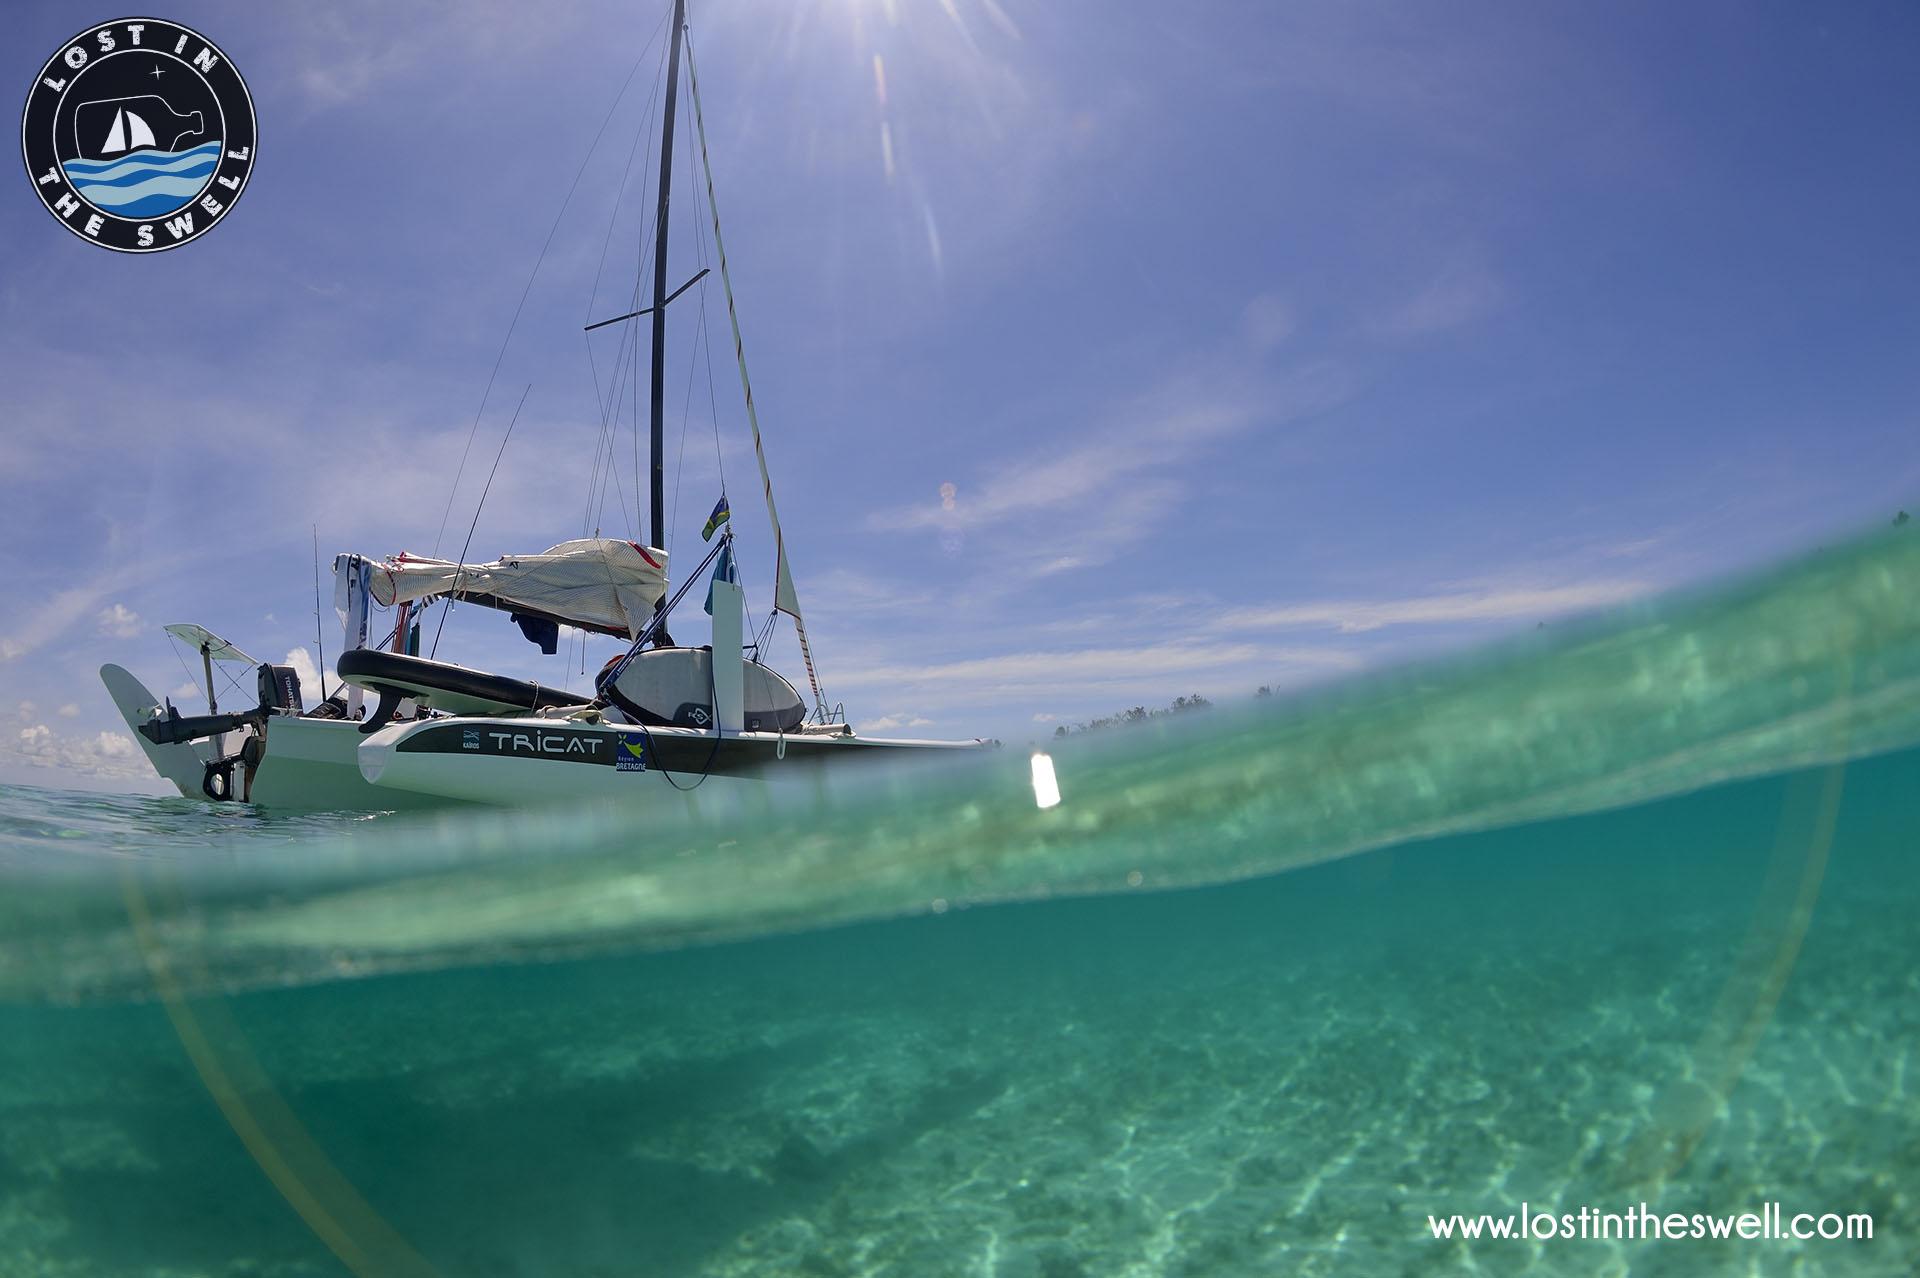 les aventuriers de la mer pdf